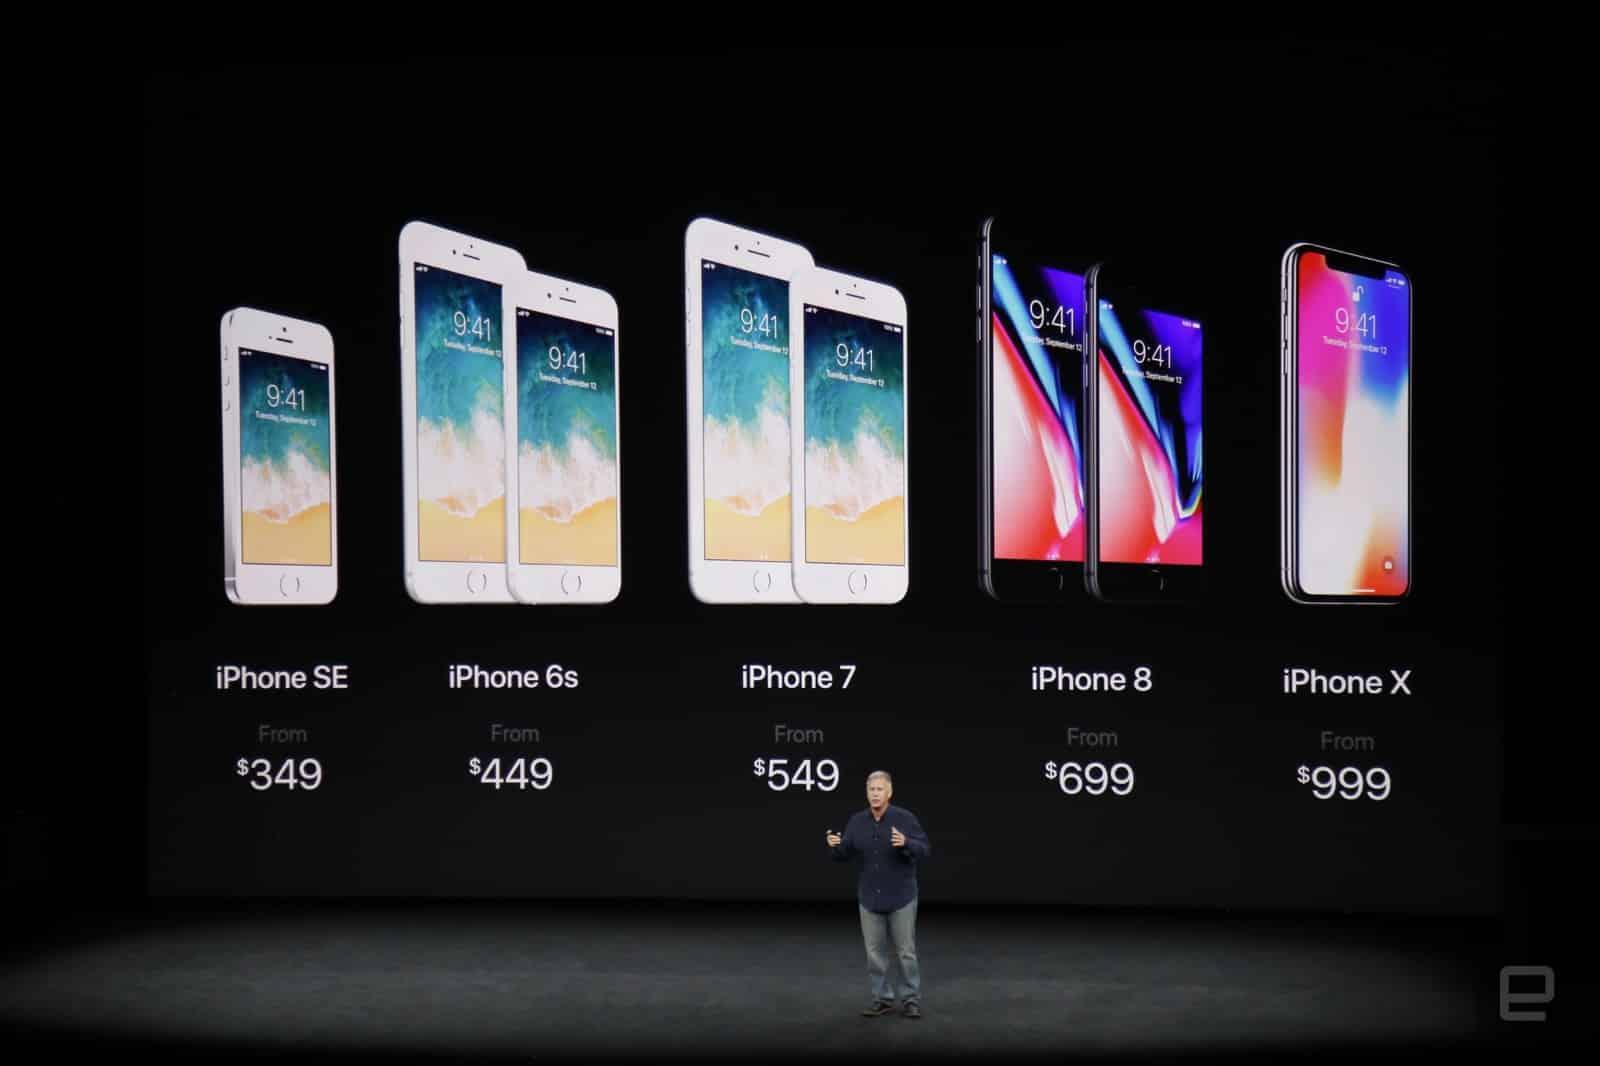 %D8%A2%D9%8A%D9%81%D9%88%D9%86-8 في ليلة الكشف عن آيفون 8 و iPhone X الأزمة تتألق وتقلق وول ستريت